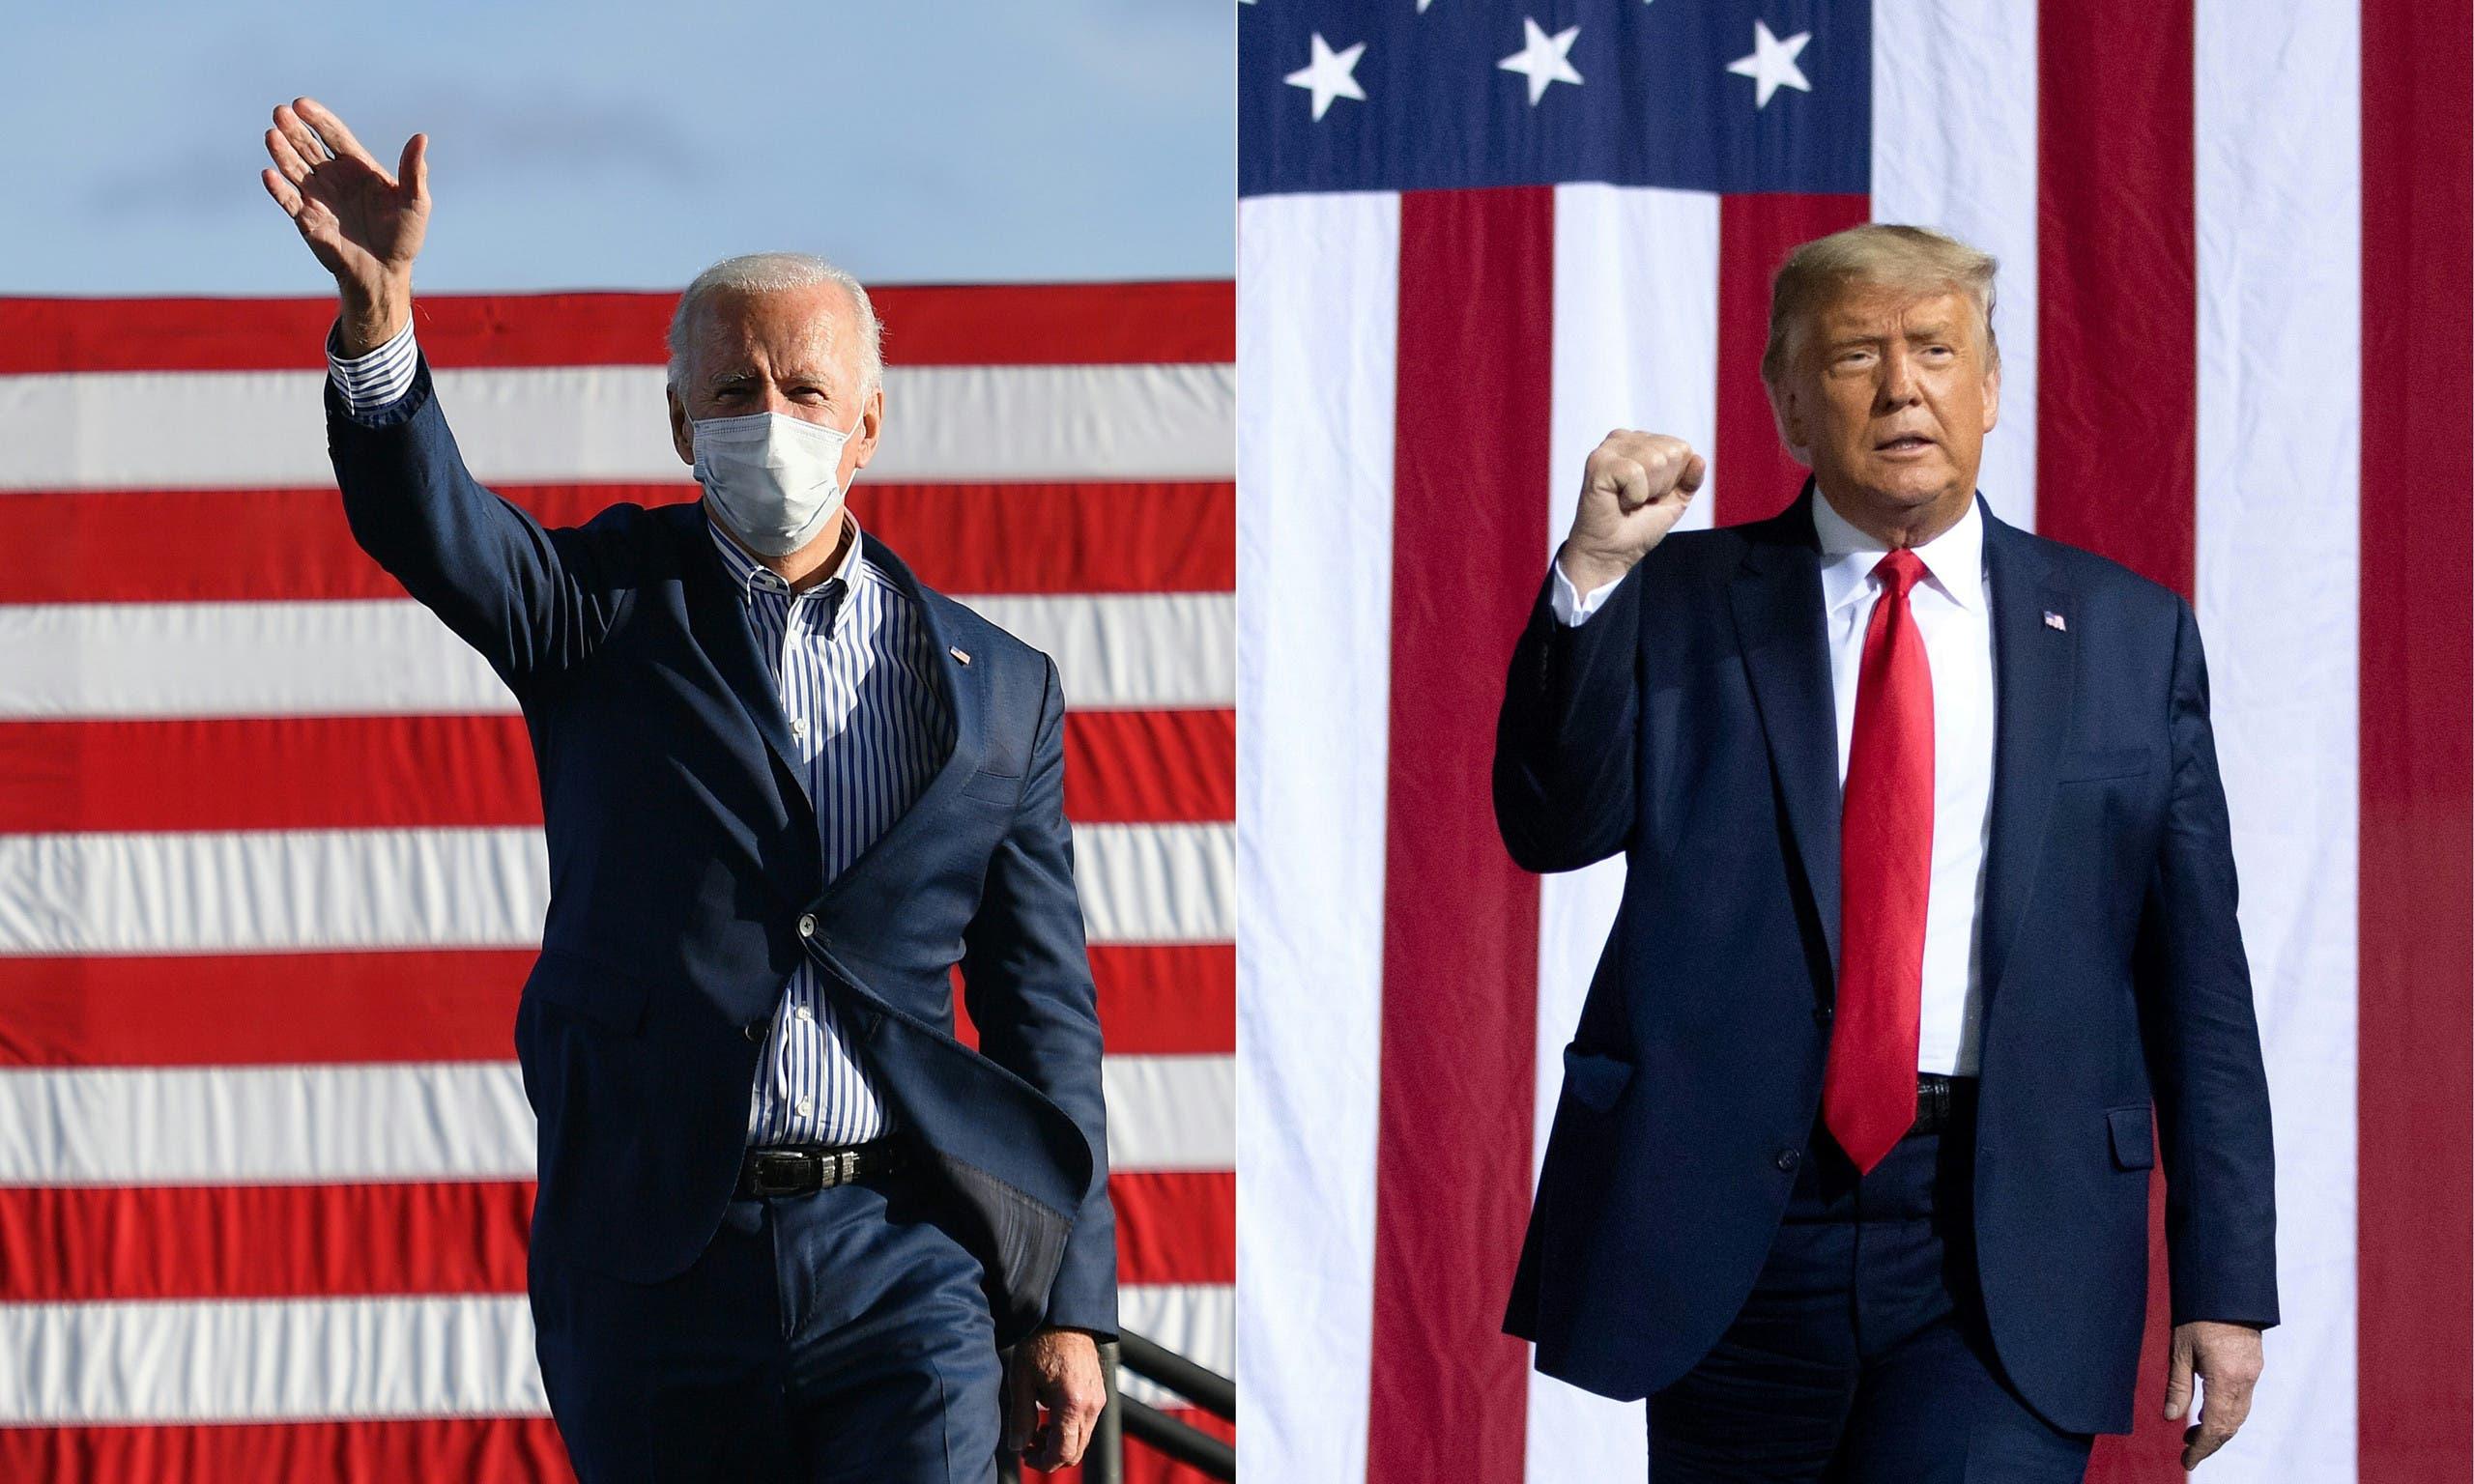 المرشحان للانتخابات الأميركية دونالد ترمب وجو بايدن (فرانس برس)